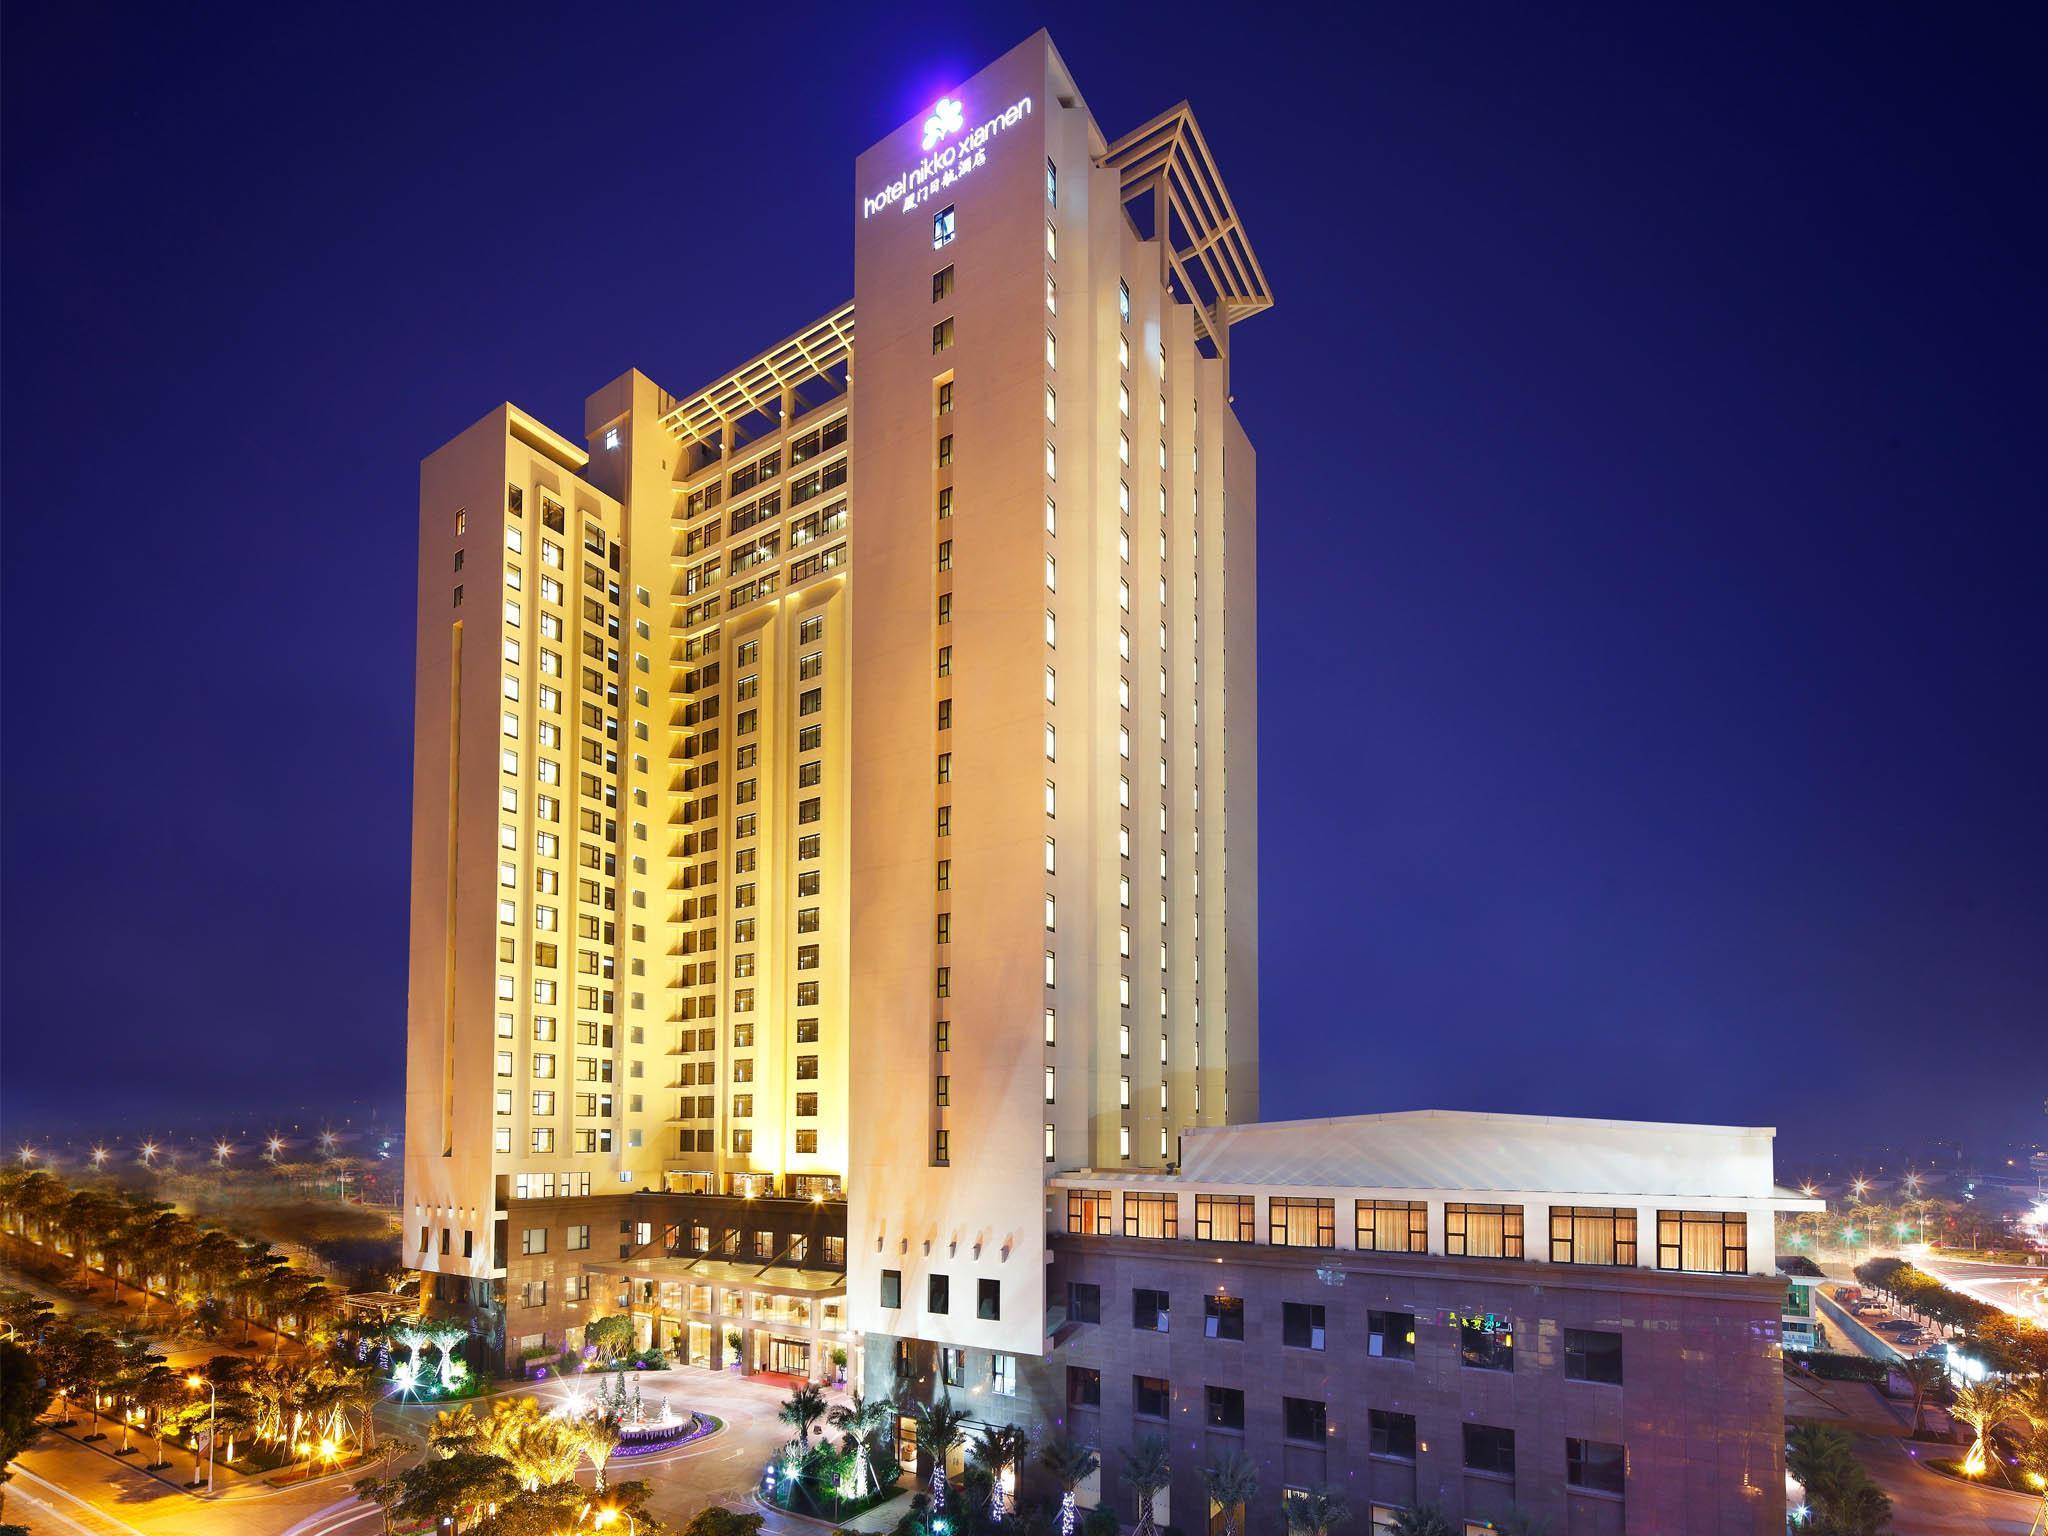 Hotel Nikko Xiamen - Xiamen